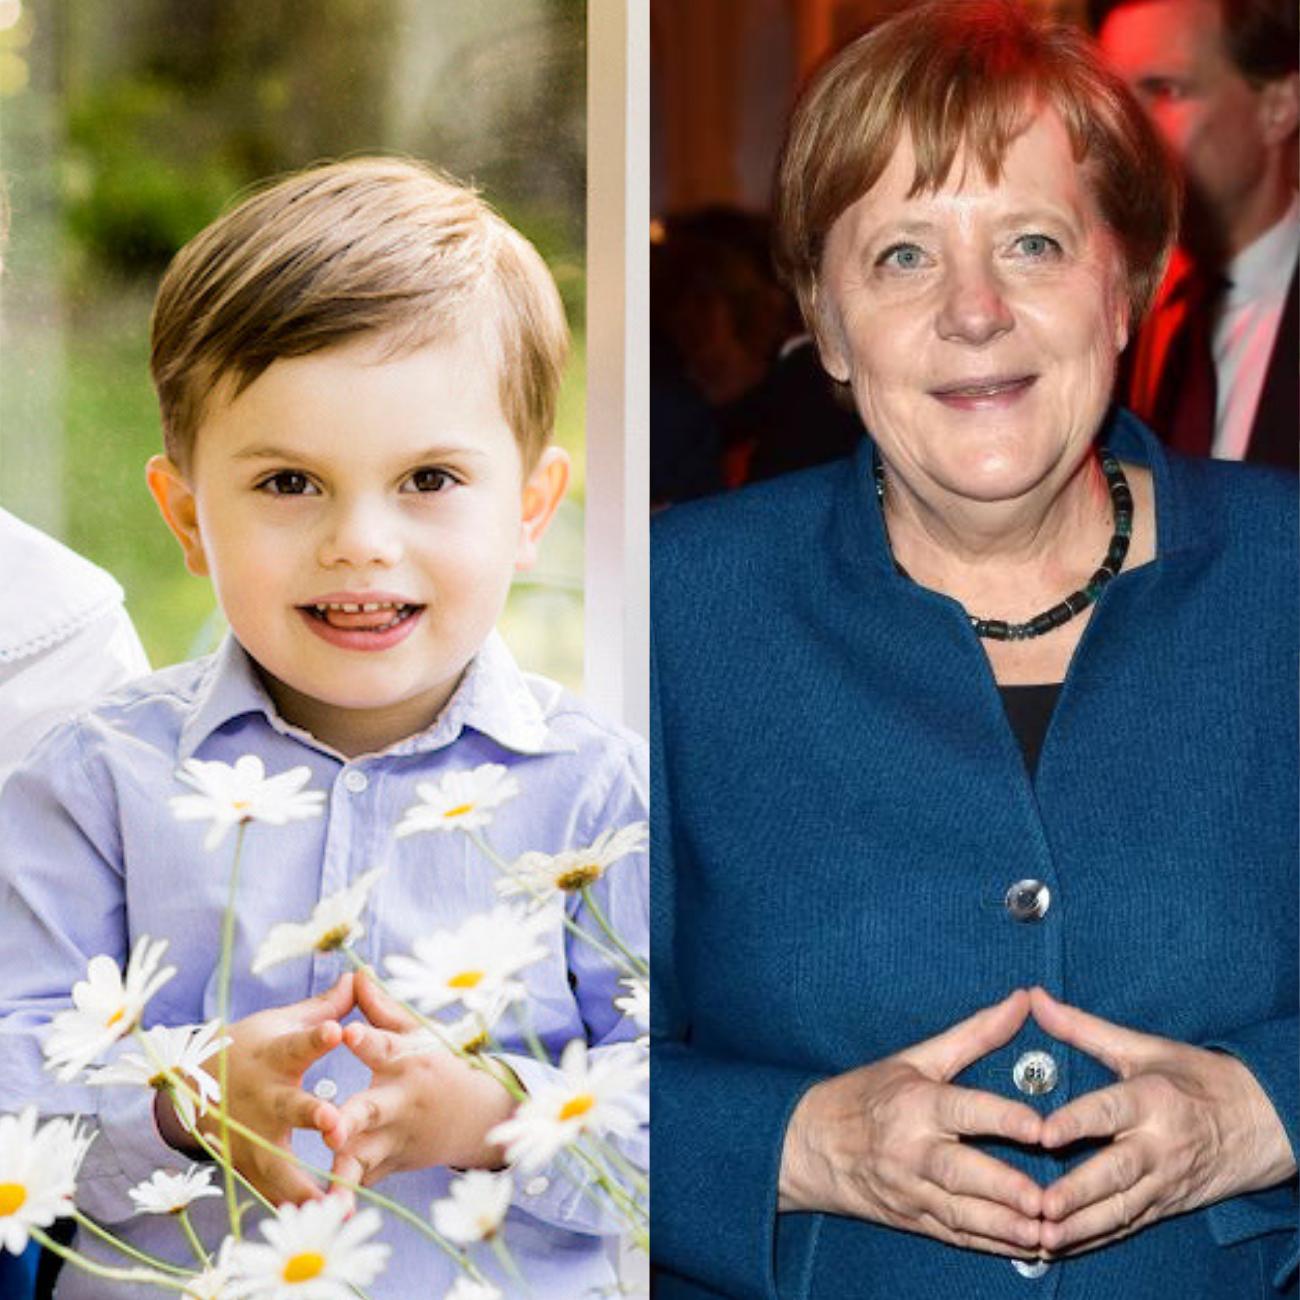 Absicht oder Versehen? Prinz Oscar kopiert die Merkel-Raute der Kanzlerin.  ©Linda Broström Kungl. Hovstaterna, imago images / APress